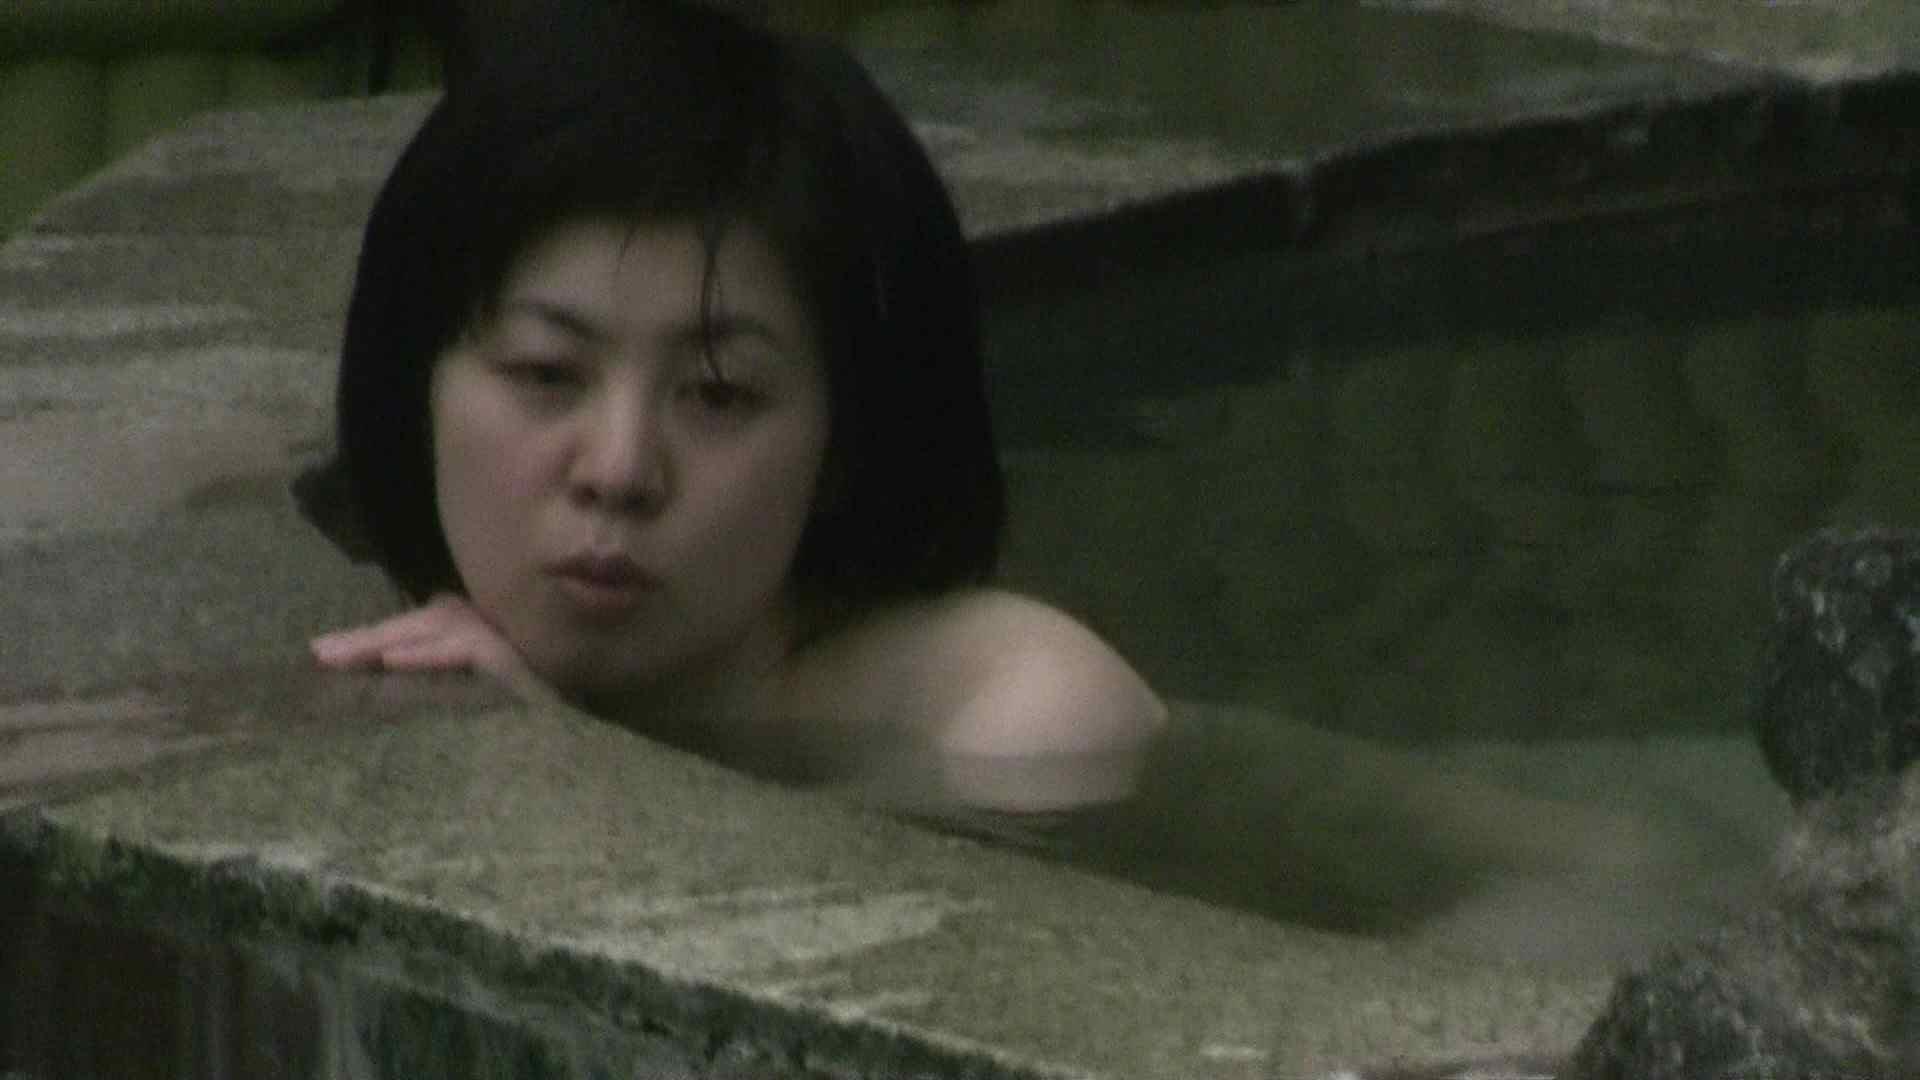 Aquaな露天風呂Vol.685 0   0  60pic 37